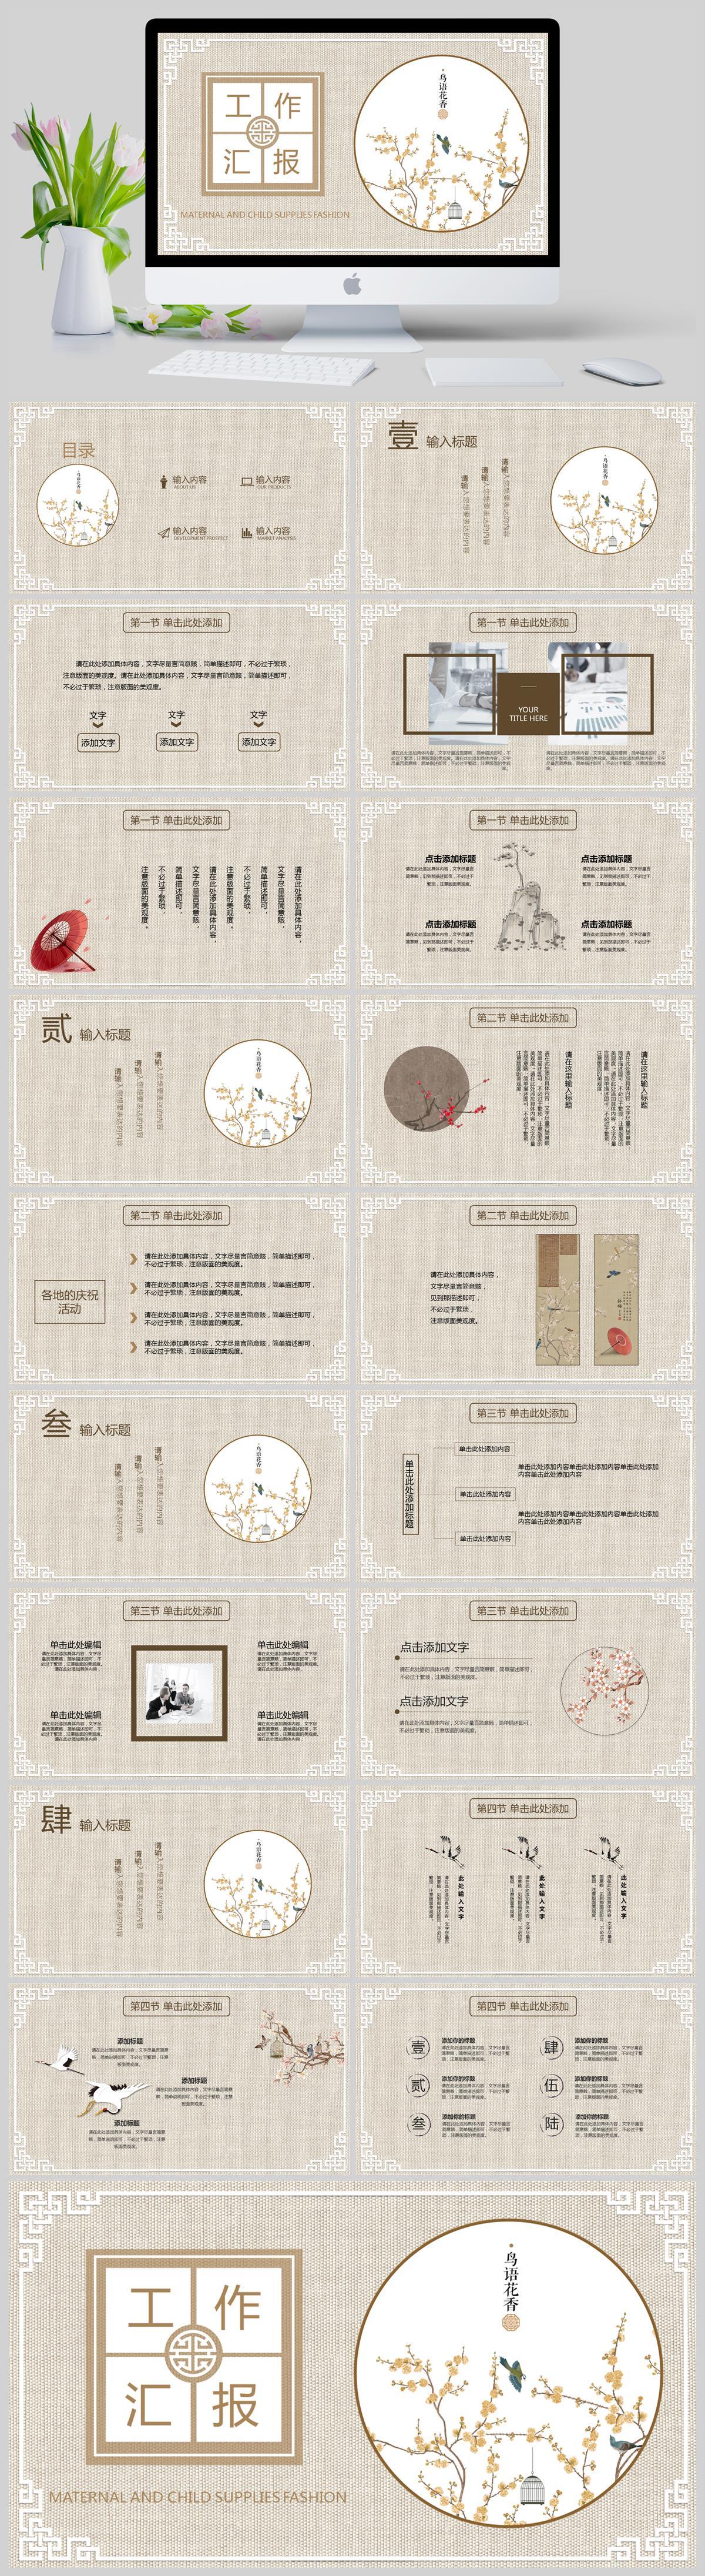 复古典雅中国风工作总结PPT亚博体育主页